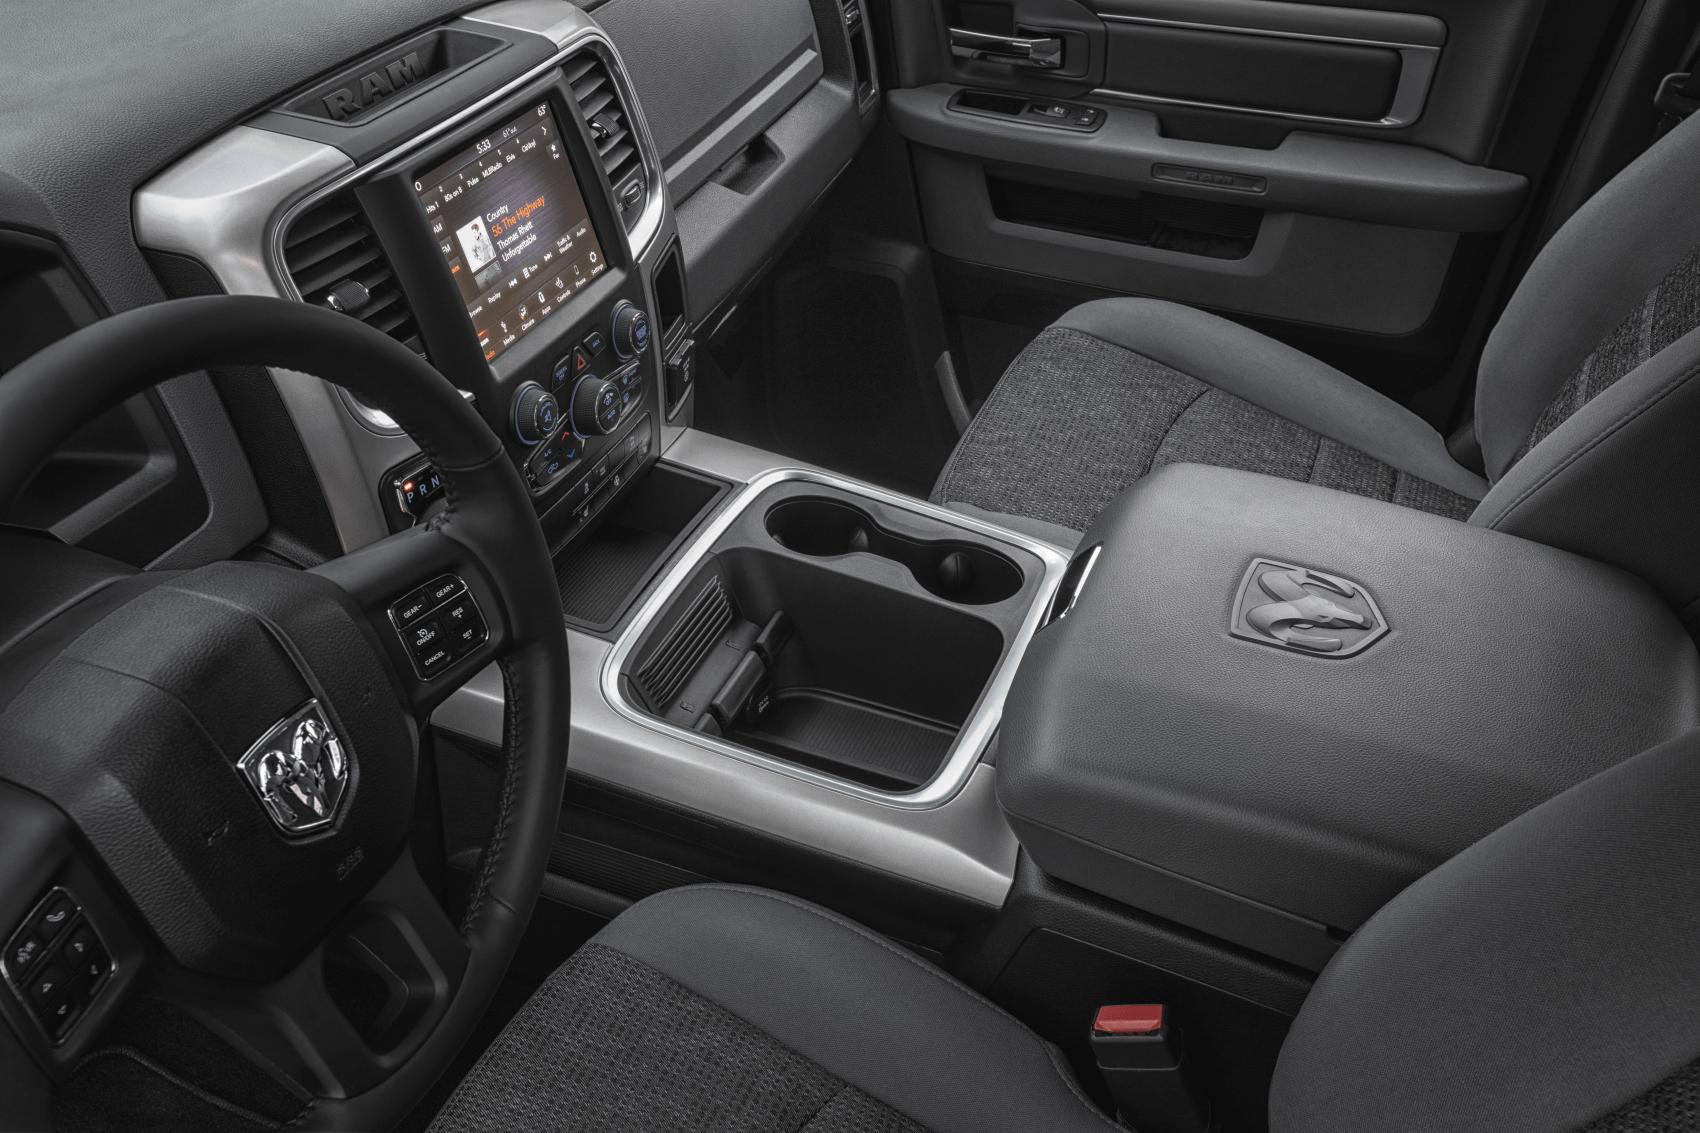 2021 Ram 1500 Interior Dashboard Technology